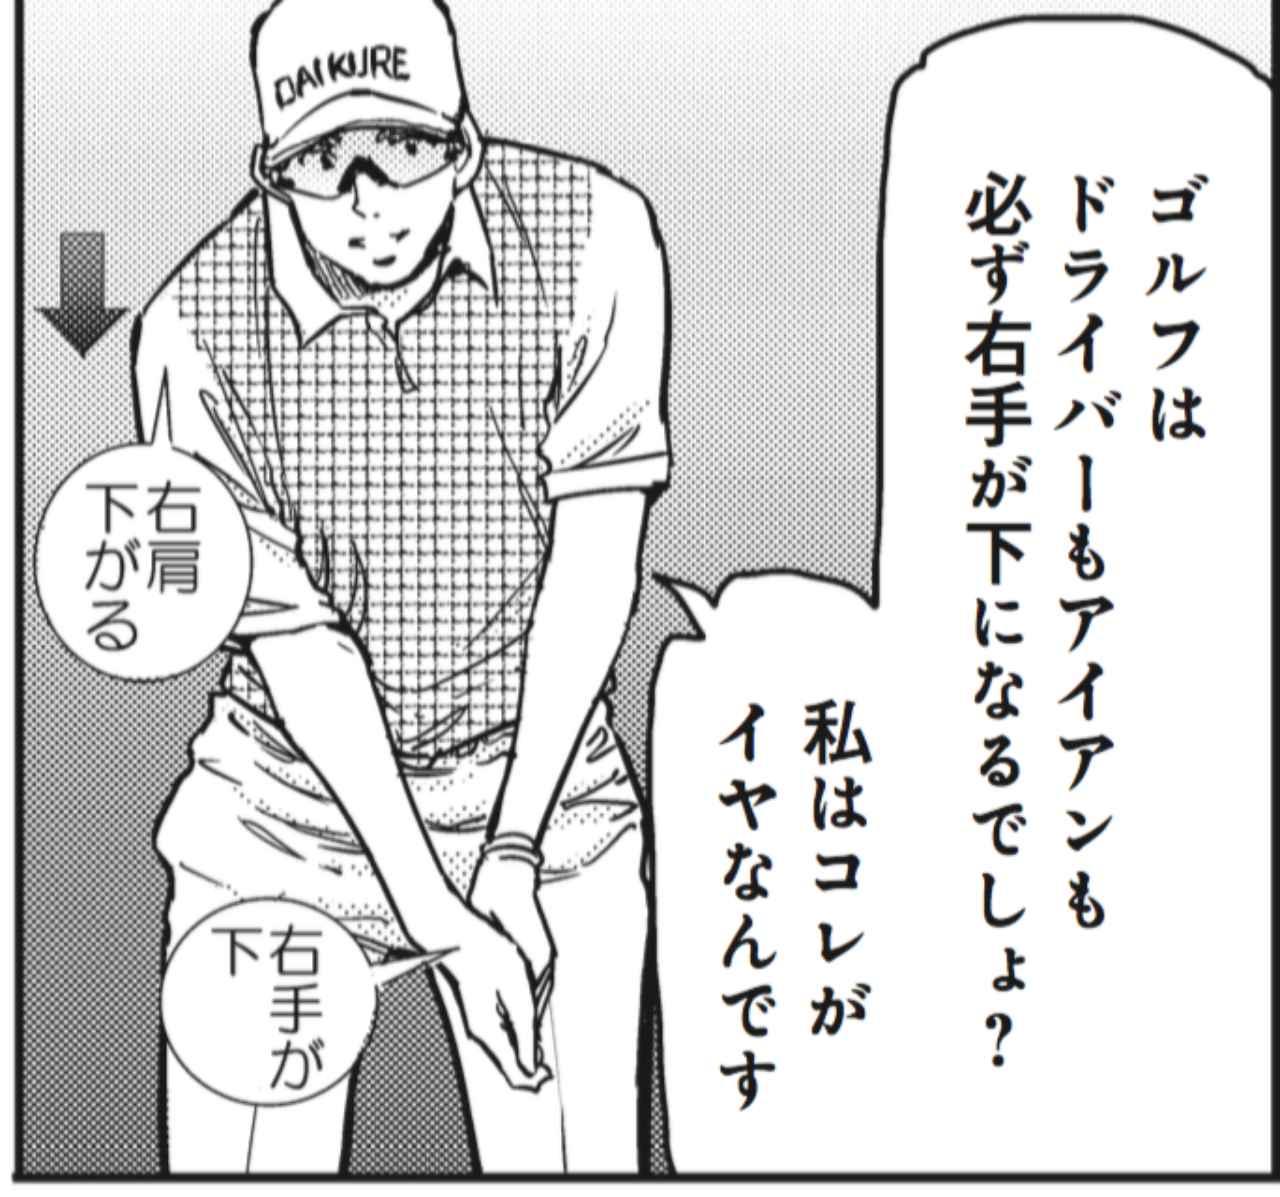 画像: 田村プロ、なんでアドレスがちょっと変なんですか?